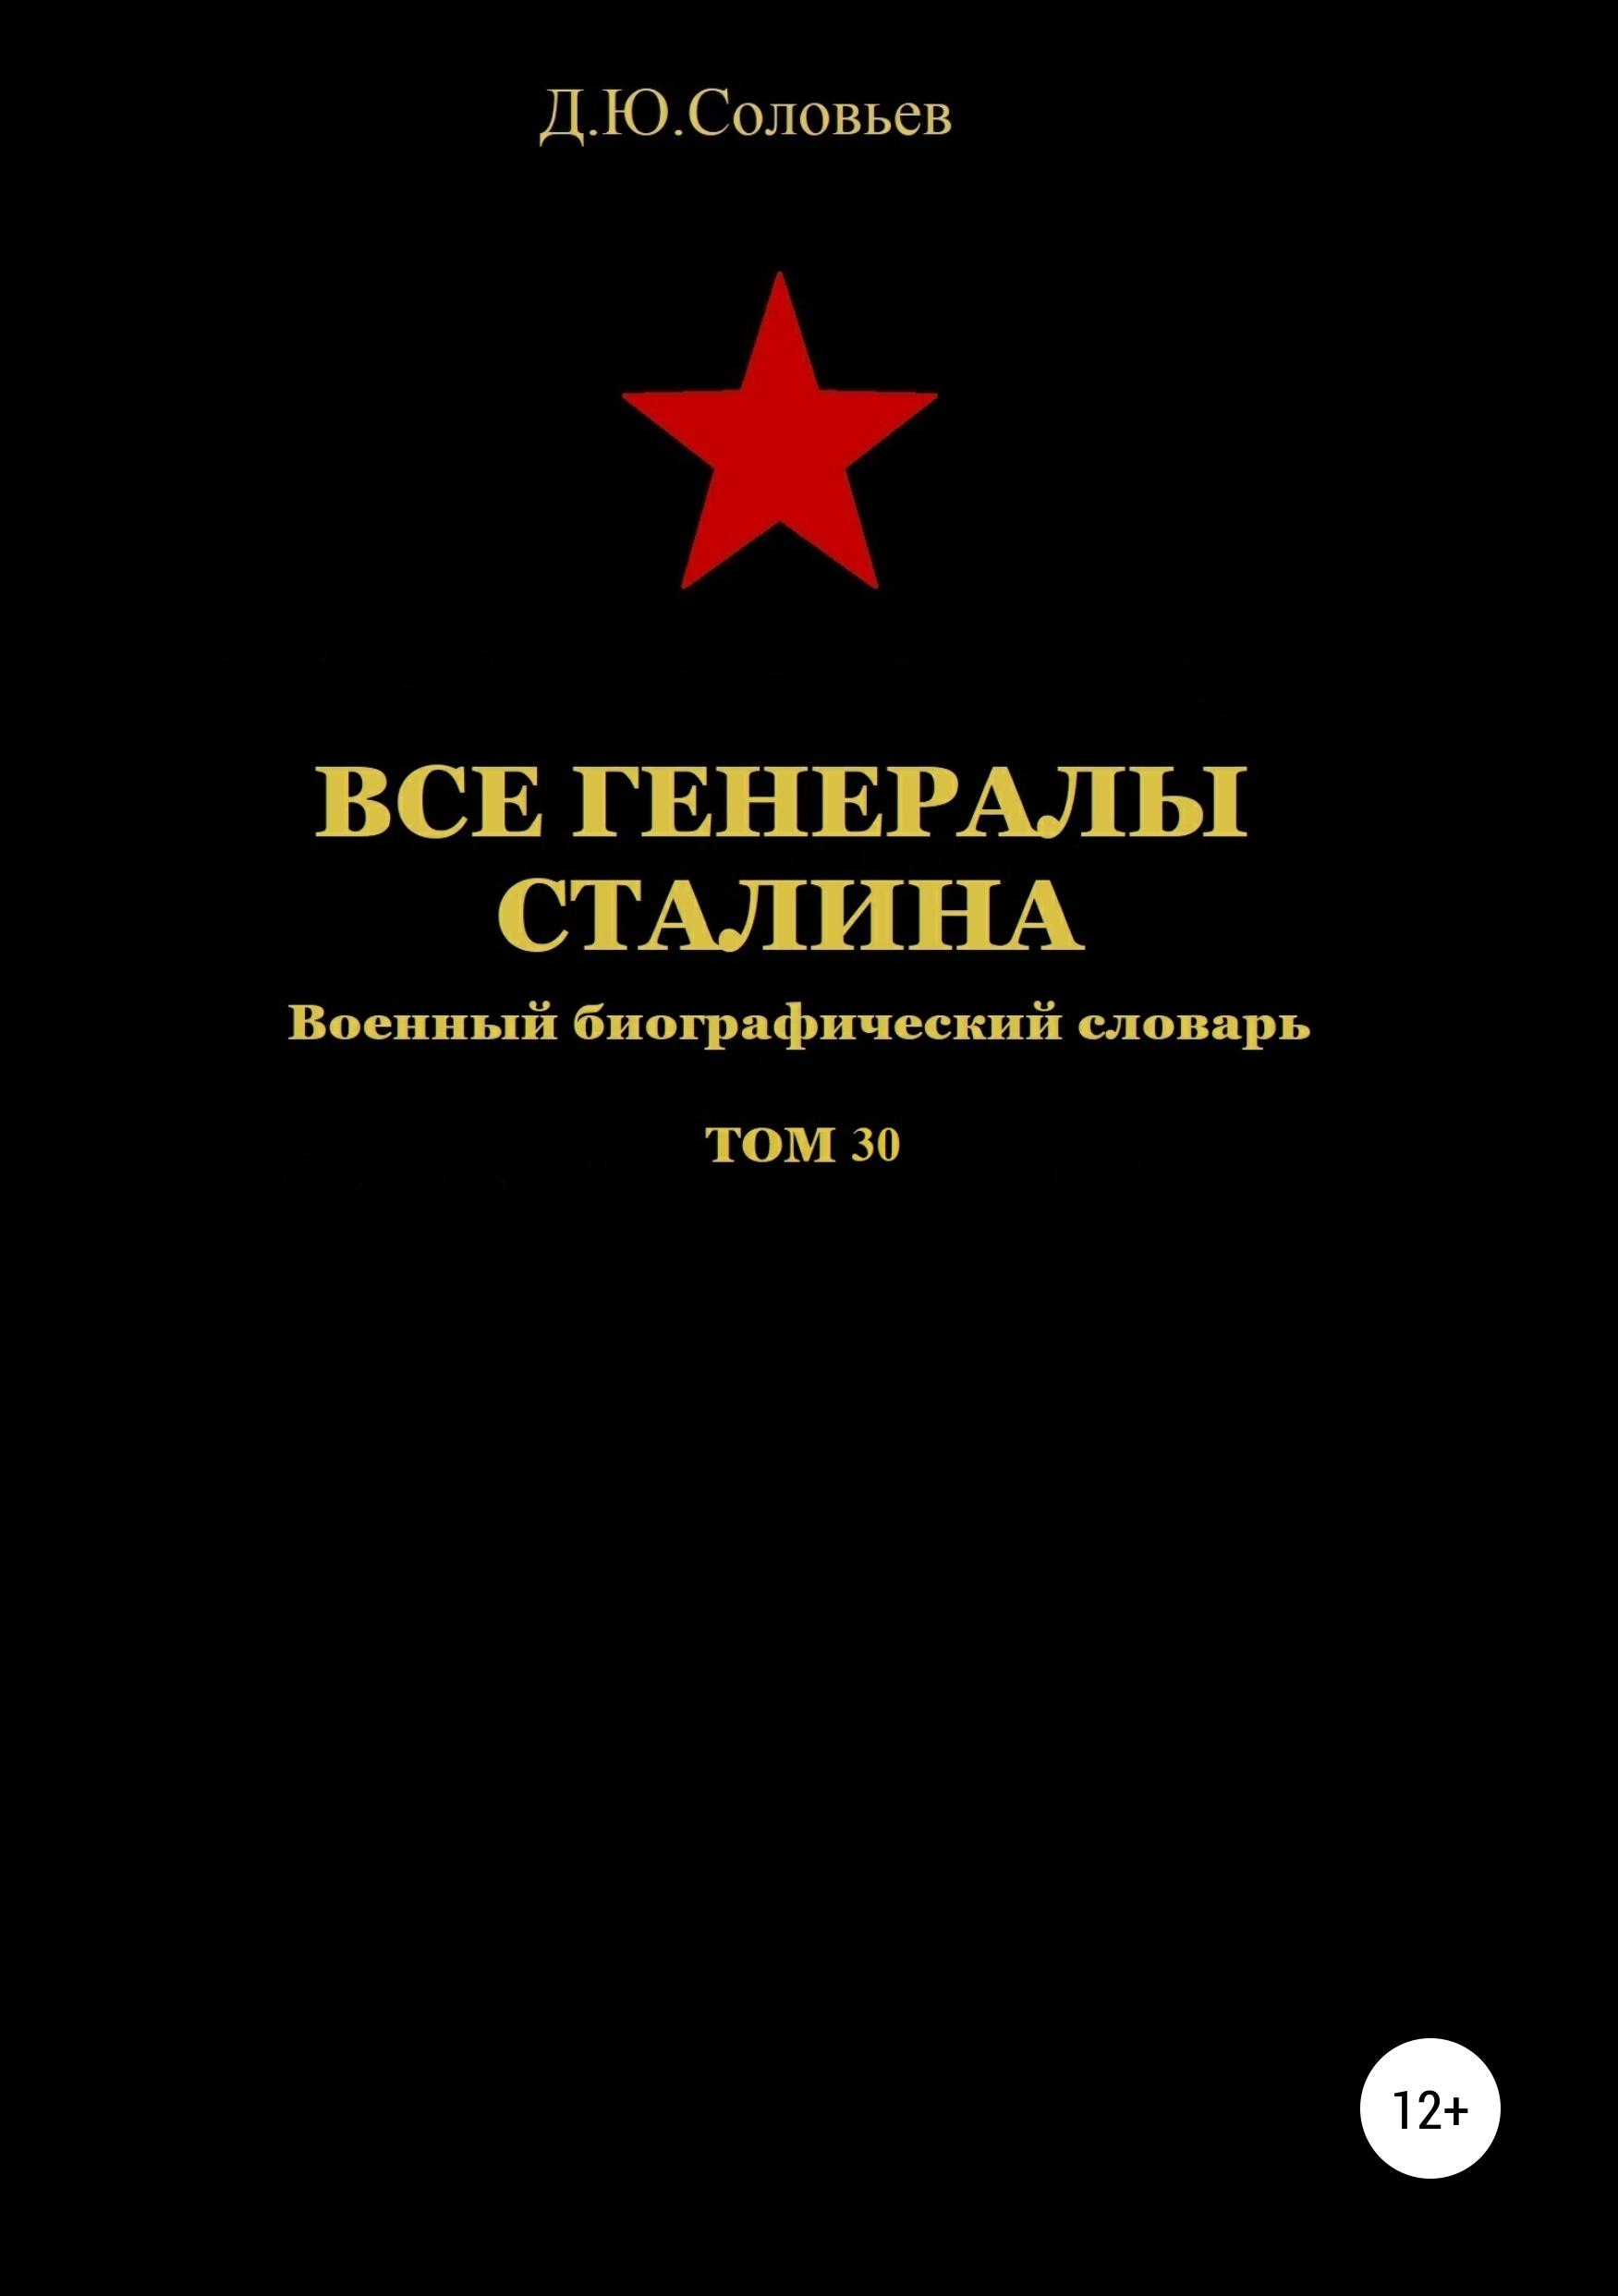 Все генералы Сталина. Том 30